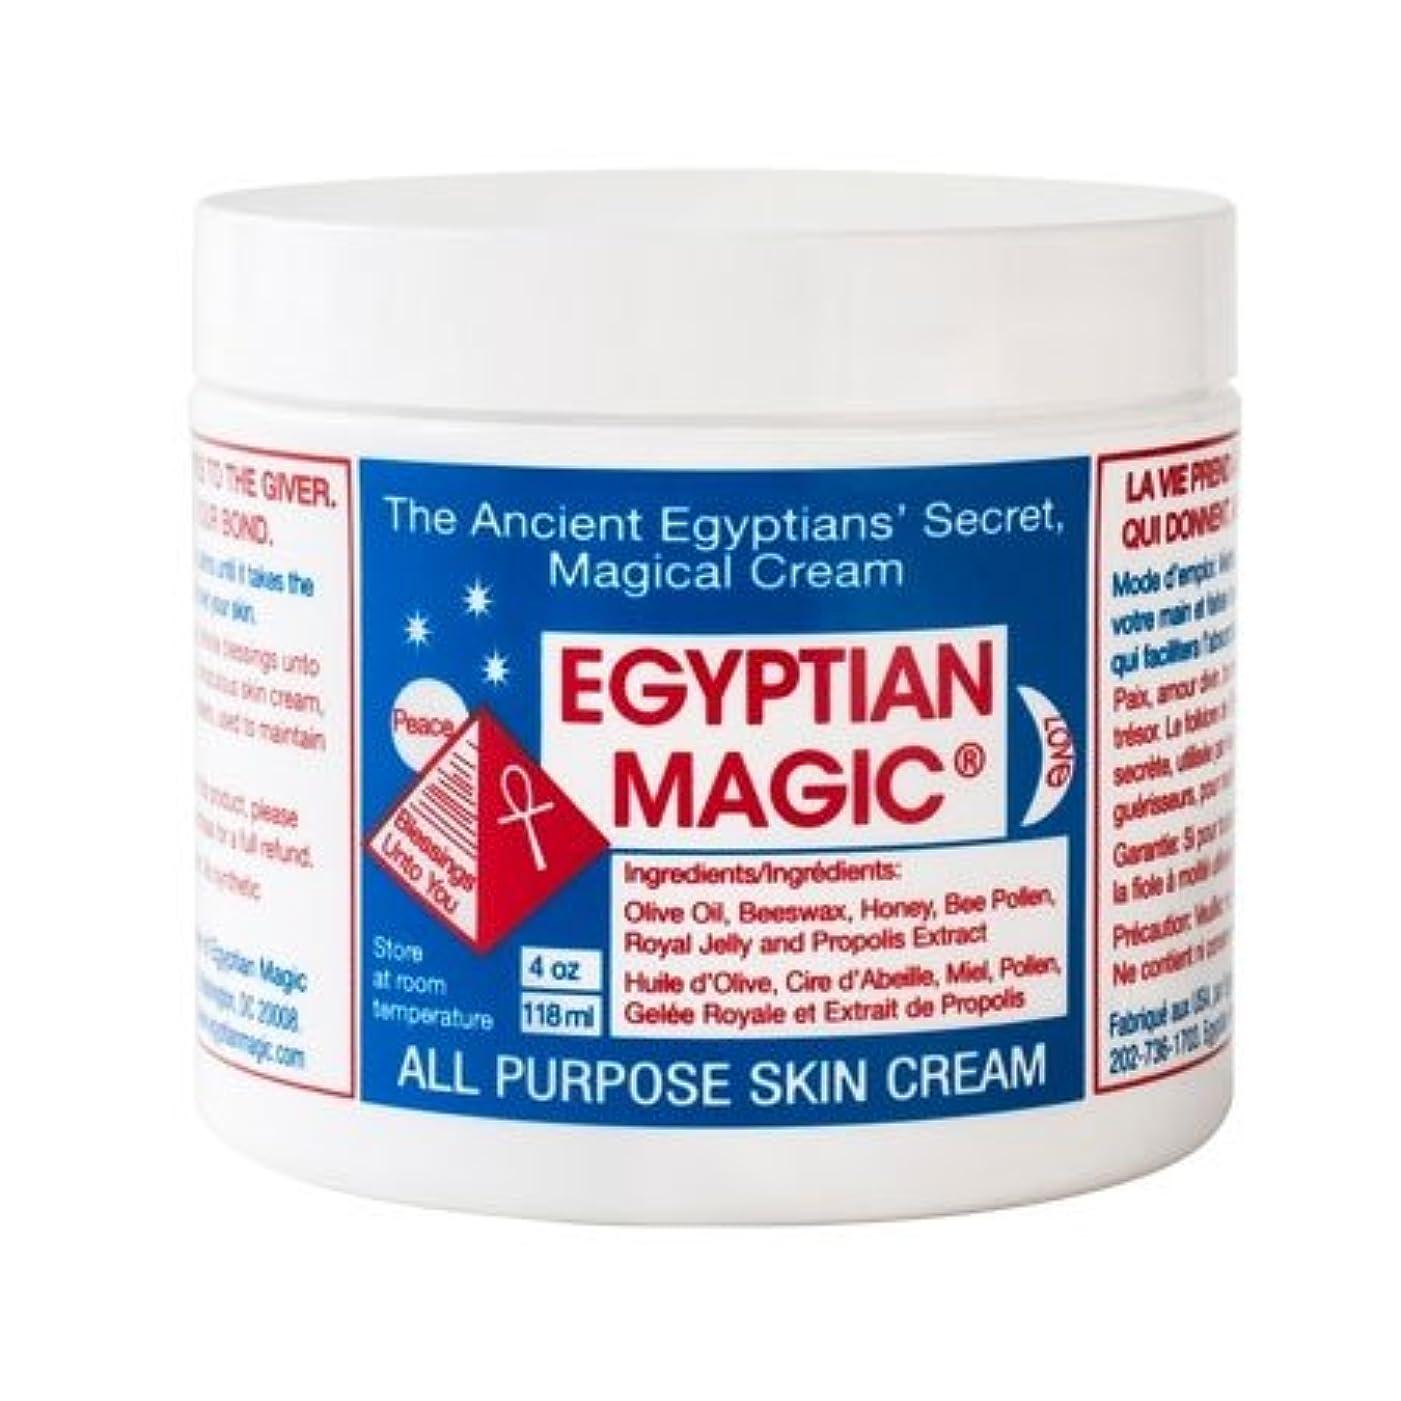 動かす長くする蚊エジプシャンマジック エジプシャン マジック クリーム 118ml 海外仕様パッケージ